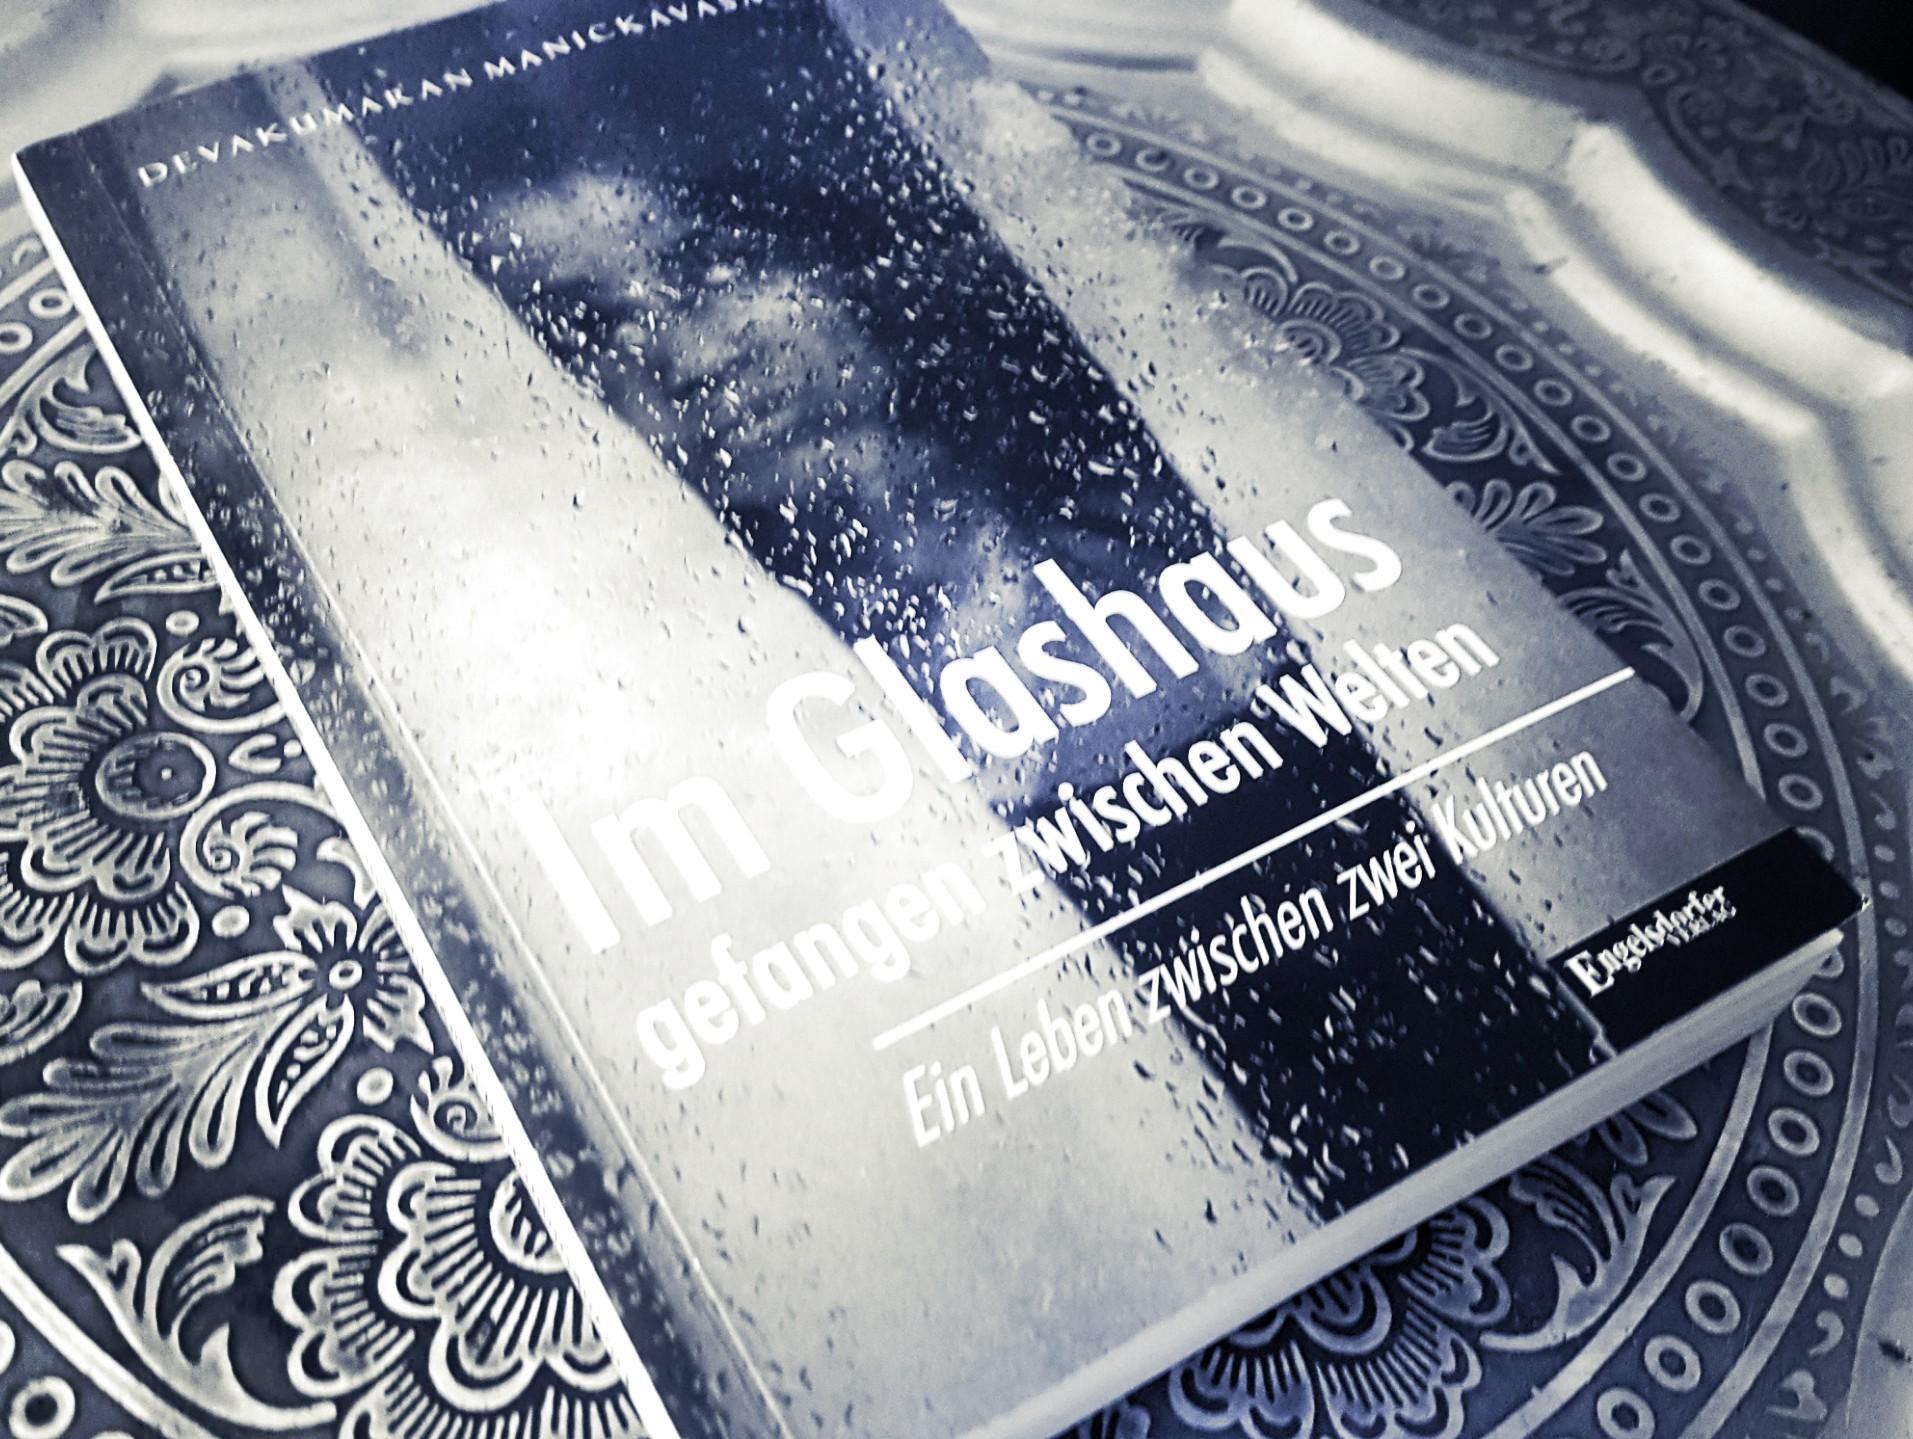 [Rezension] Devakumaran Manickavasagan – Im Glashaus gefangen zwischen Welten. Ein Leben zwischen zwei Kulturen